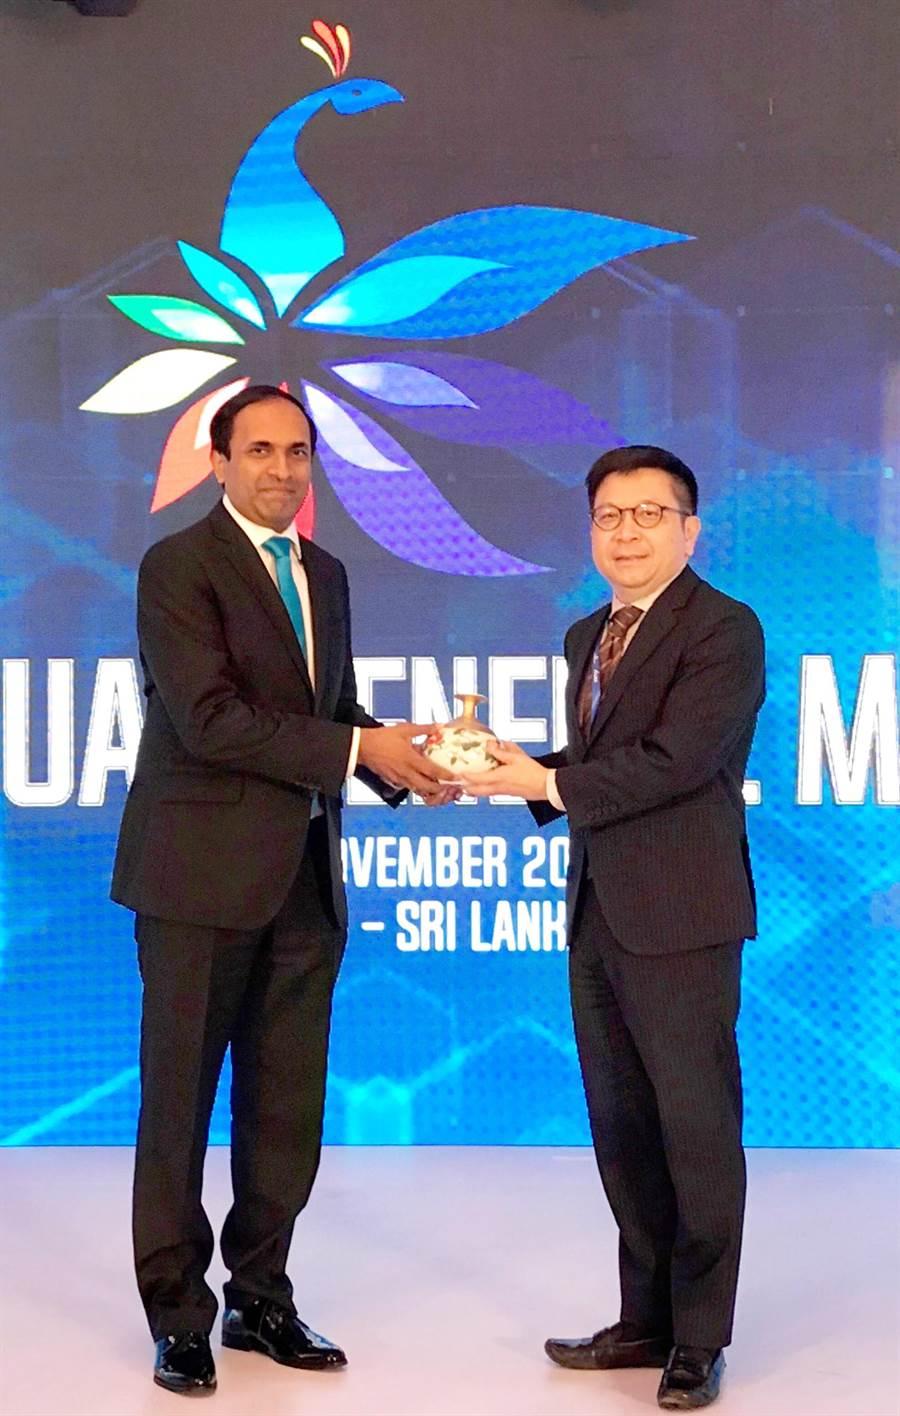 圖說:集保結算所成為亞太地區集保組織ACG當然執行委員,可倫坡證交所CEO Rajeeva Bandaranaike(左)向林修銘董事長(右)表達祝賀。